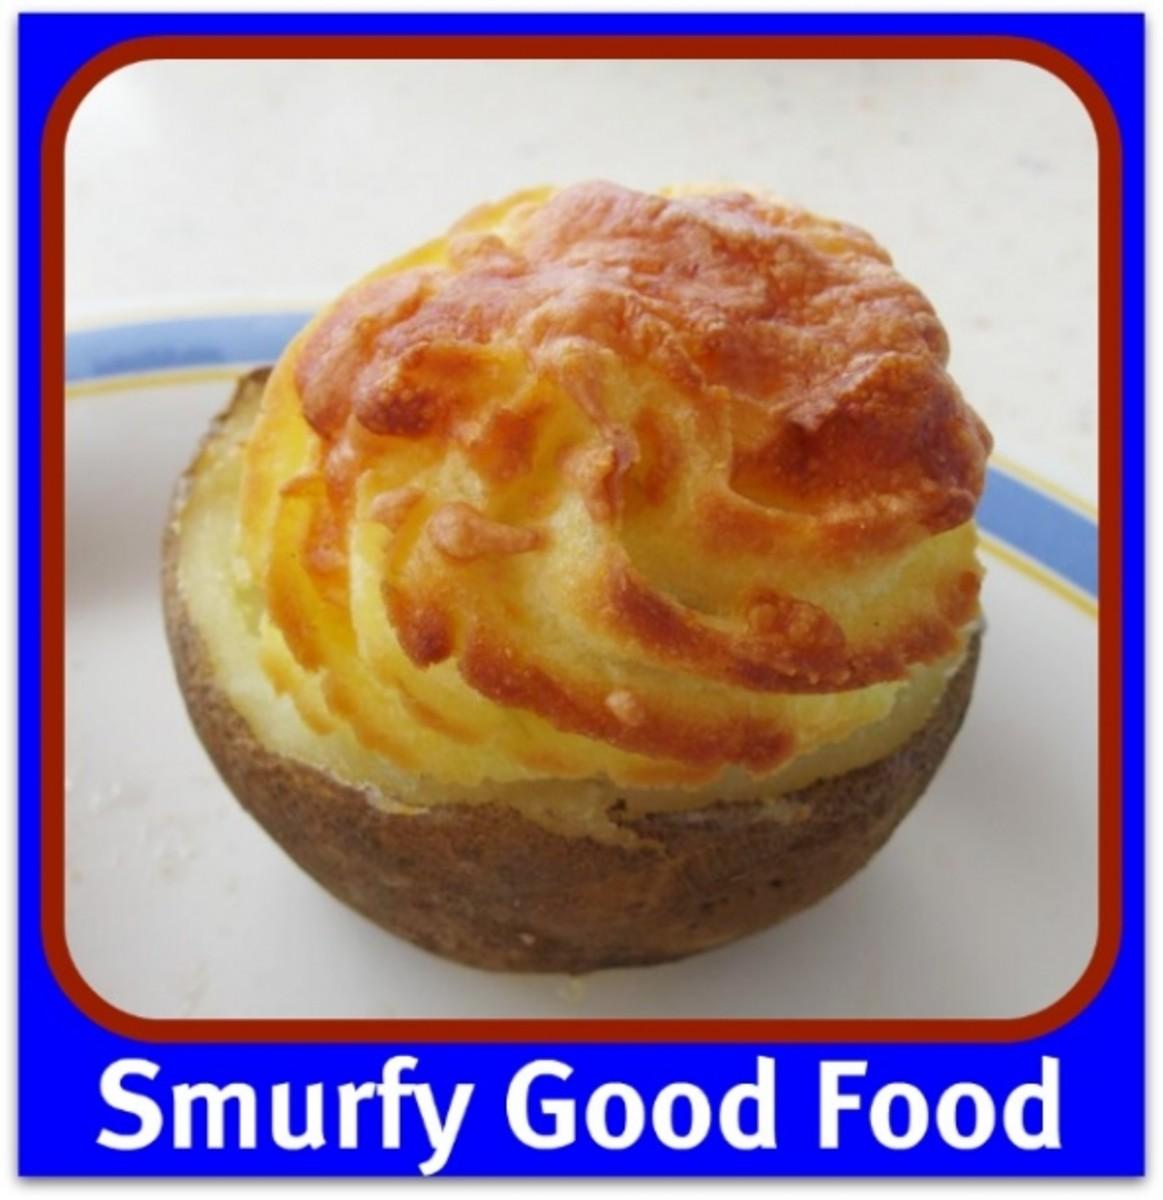 Smurfday Smurfy Good Food Photo by Kathy McGraw